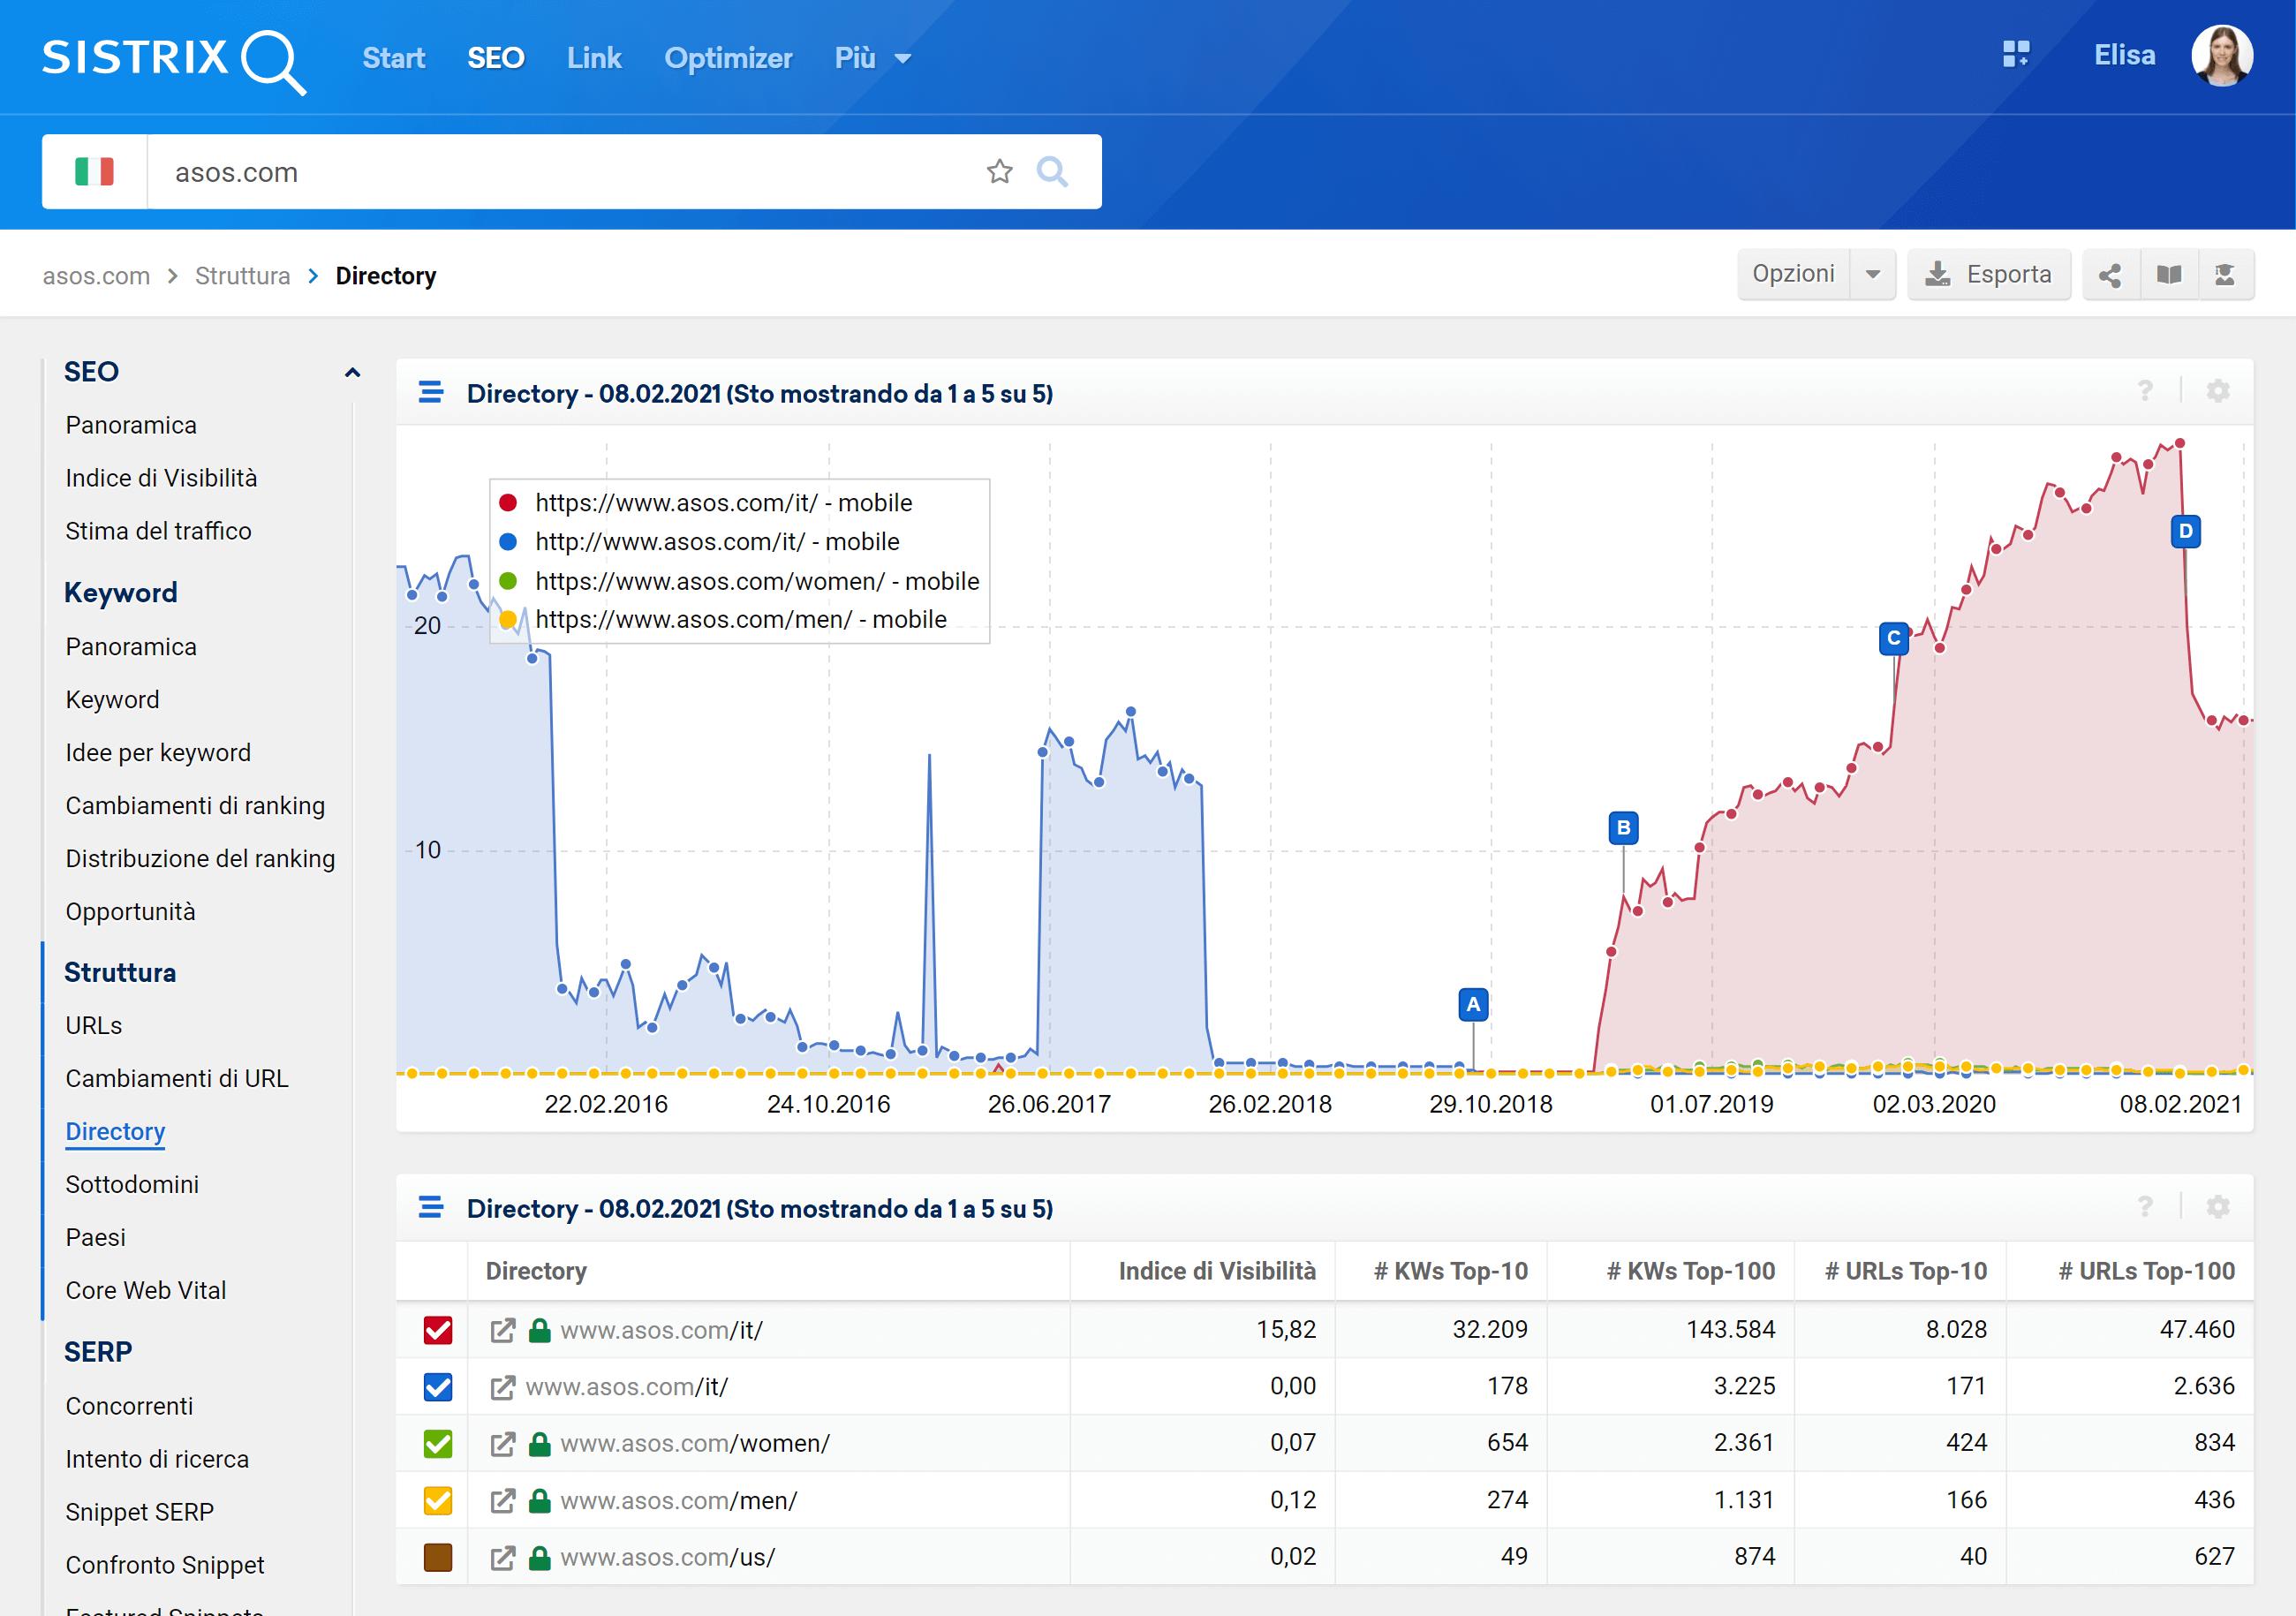 Sezione directory di asos.com